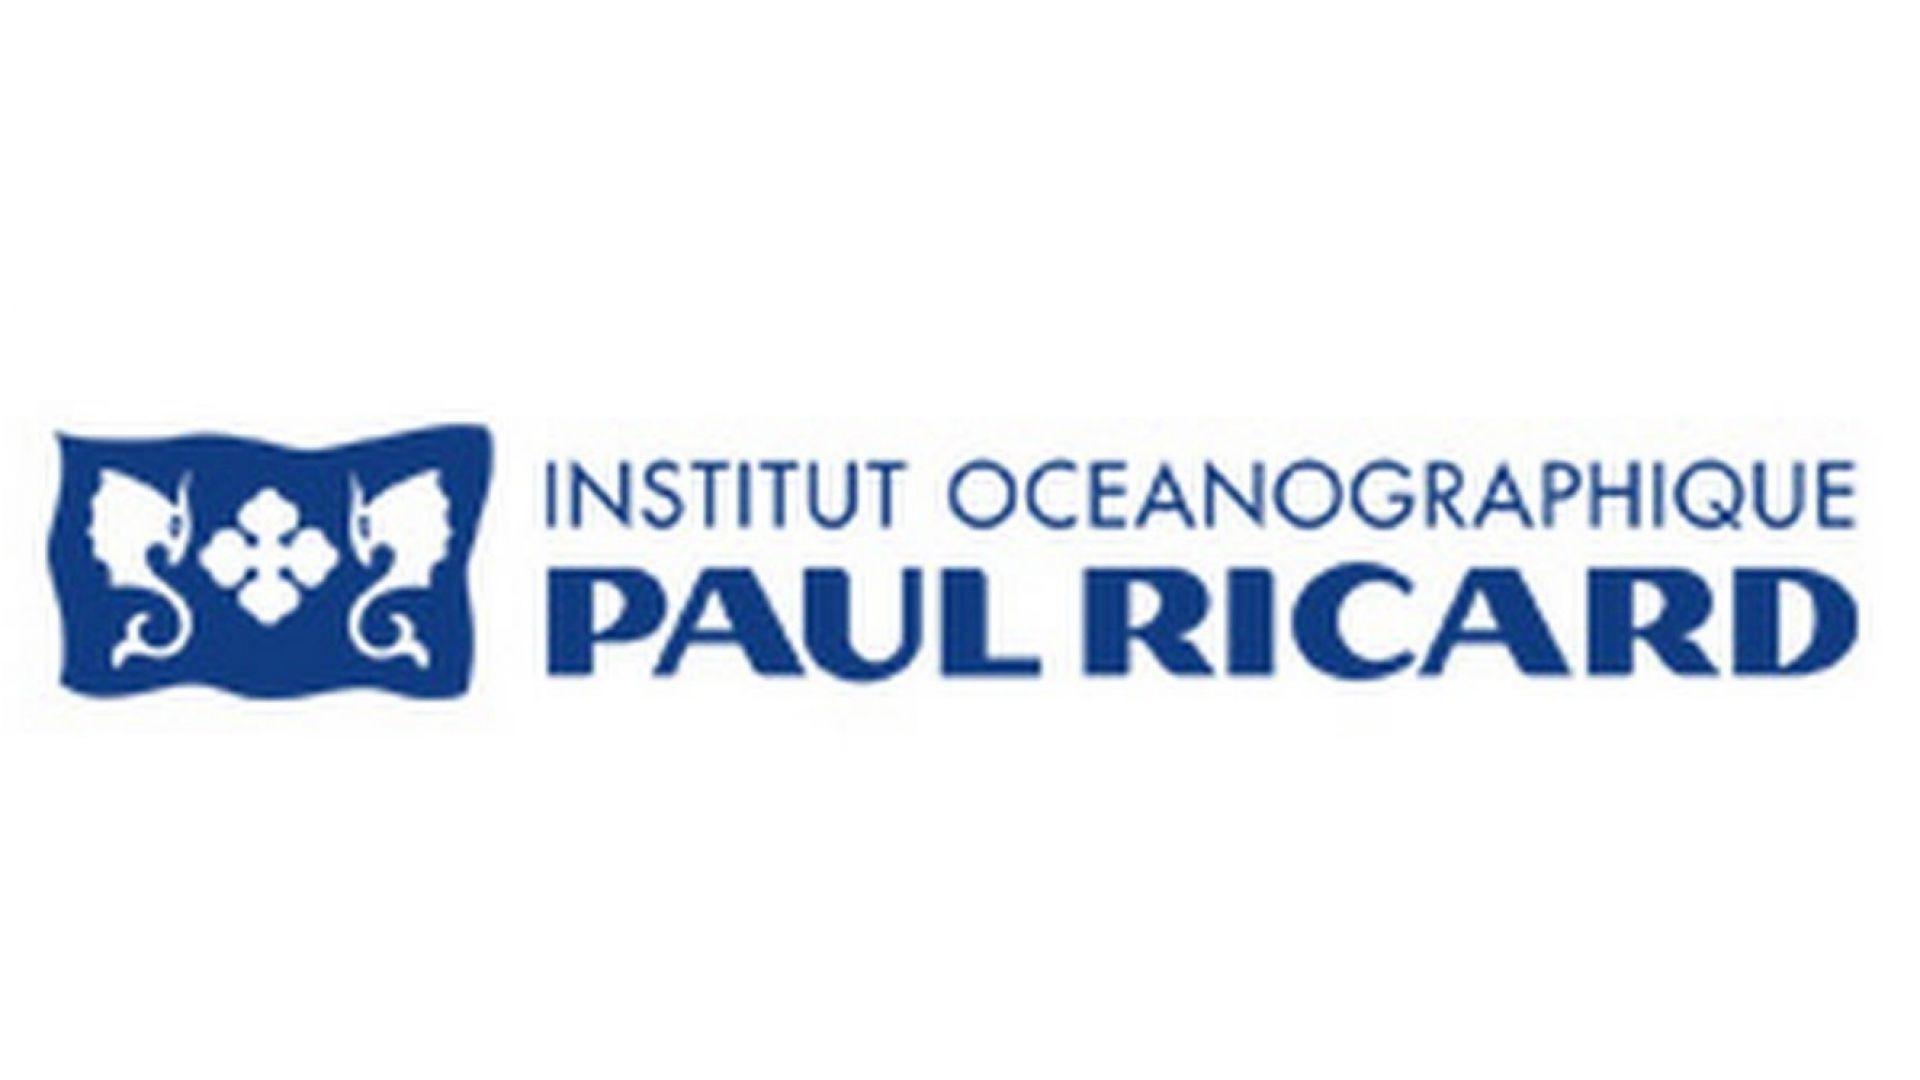 Oceanographic Institute Paul Ricard